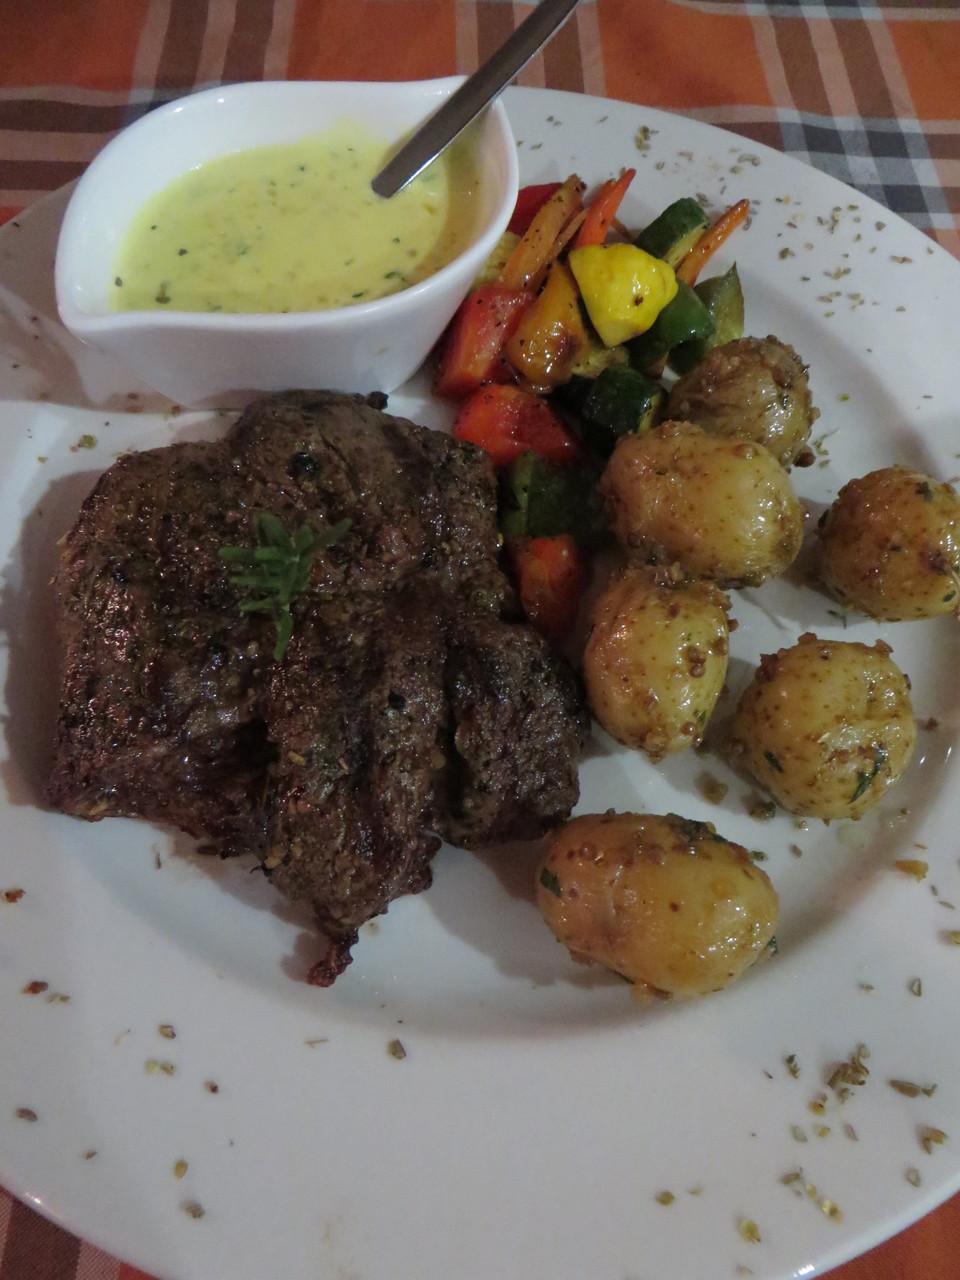 Rinderhuftsteak mit Knoblauchkartoffeln und gedünstetem Gemüse